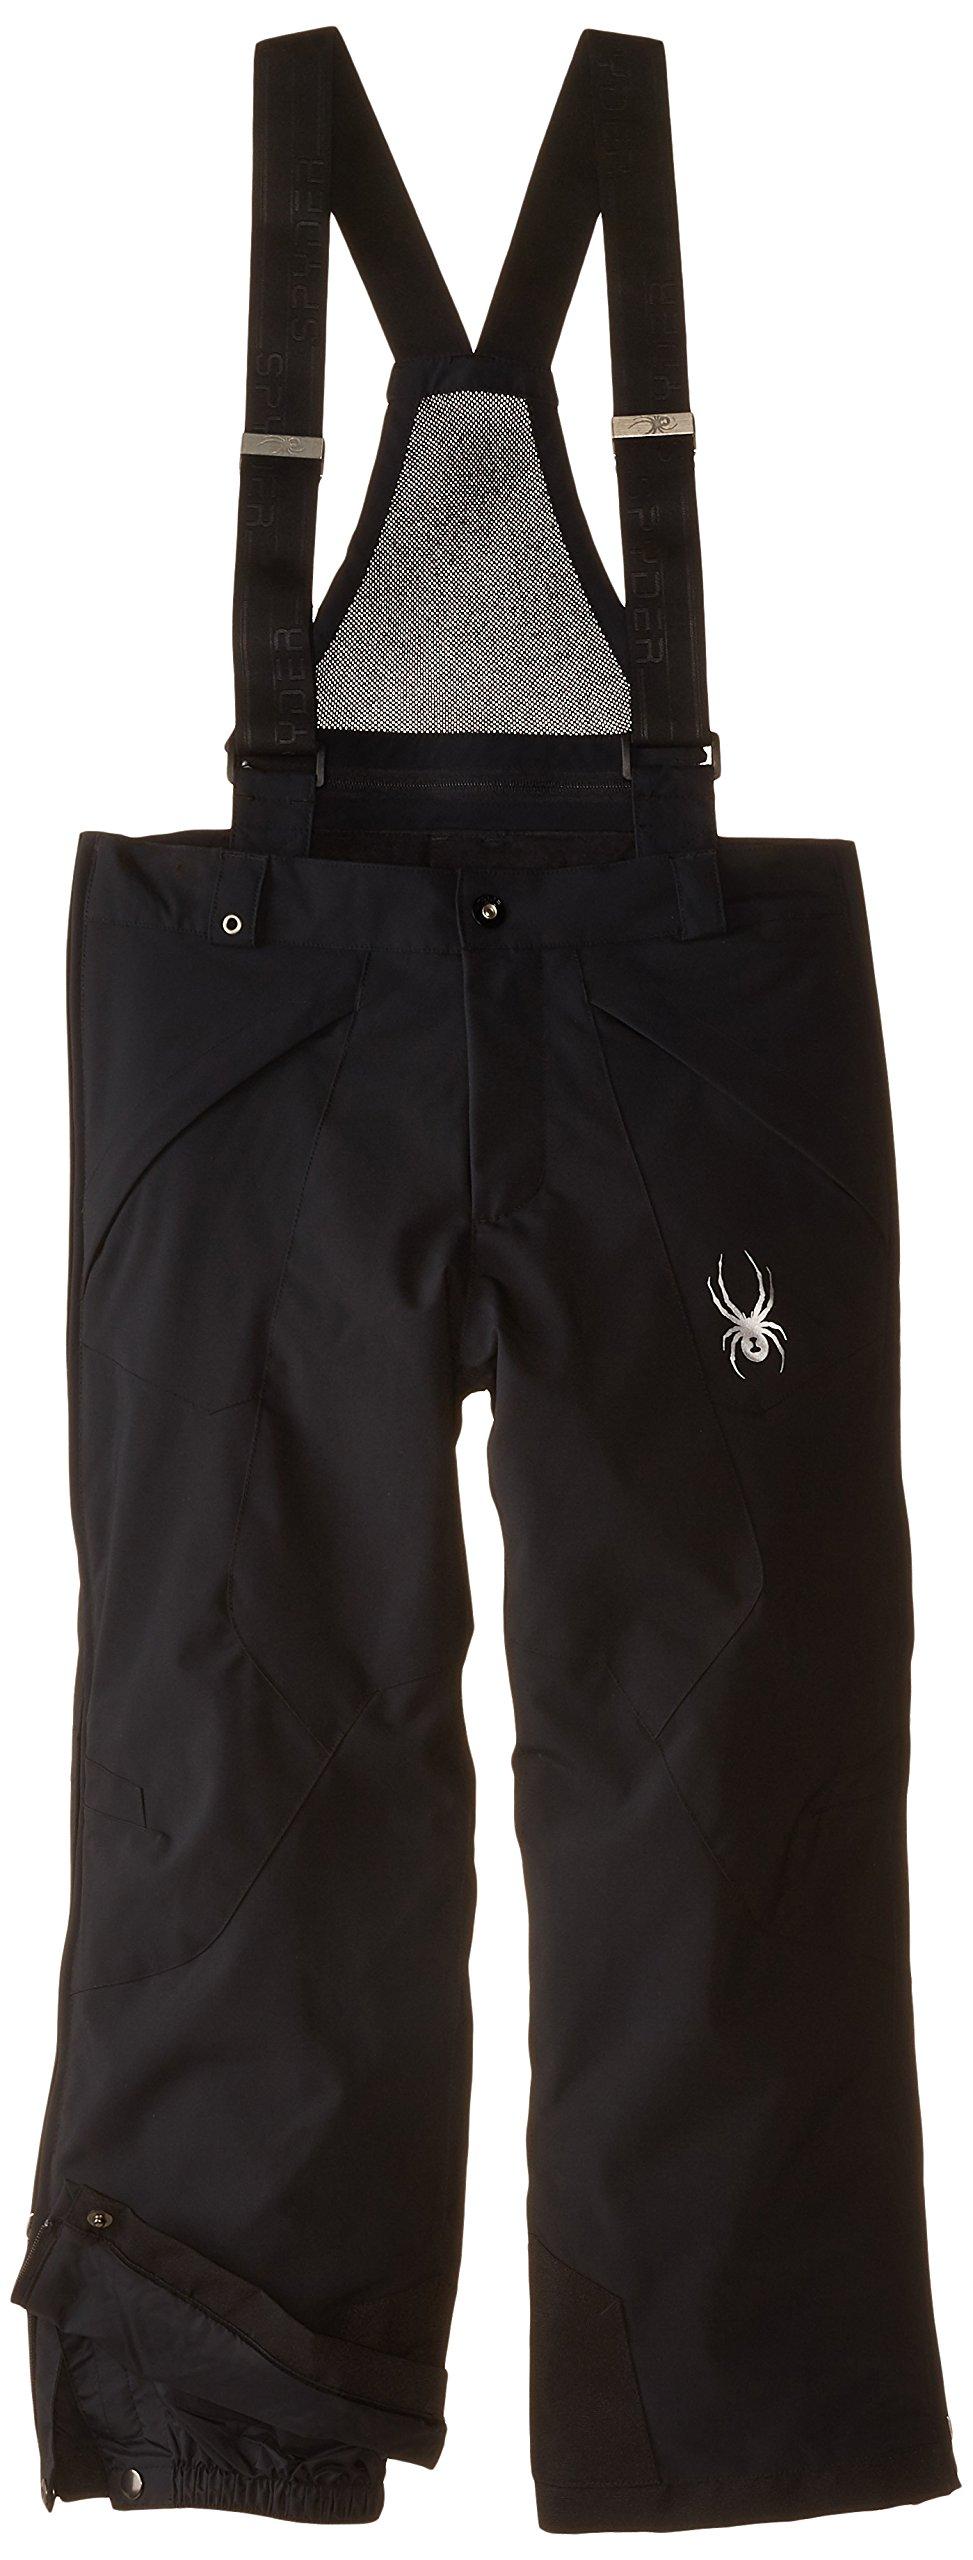 Spyder Boys Force Plus Pant, 12, Black by Spyder